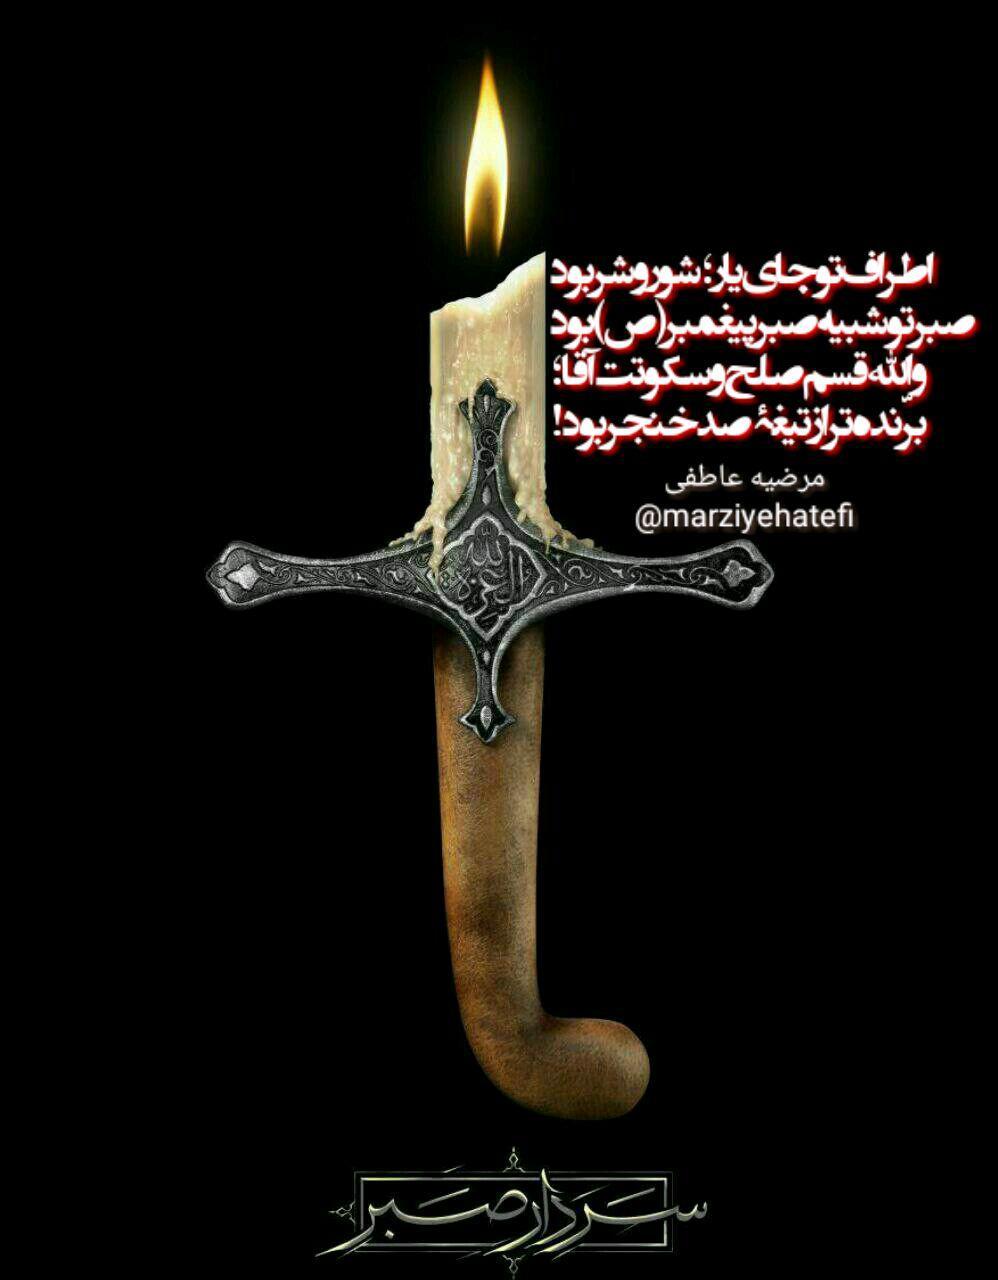 متن شعر امام حسن(ع) -(اطراف تو جای یار؛ شور و شر بود)